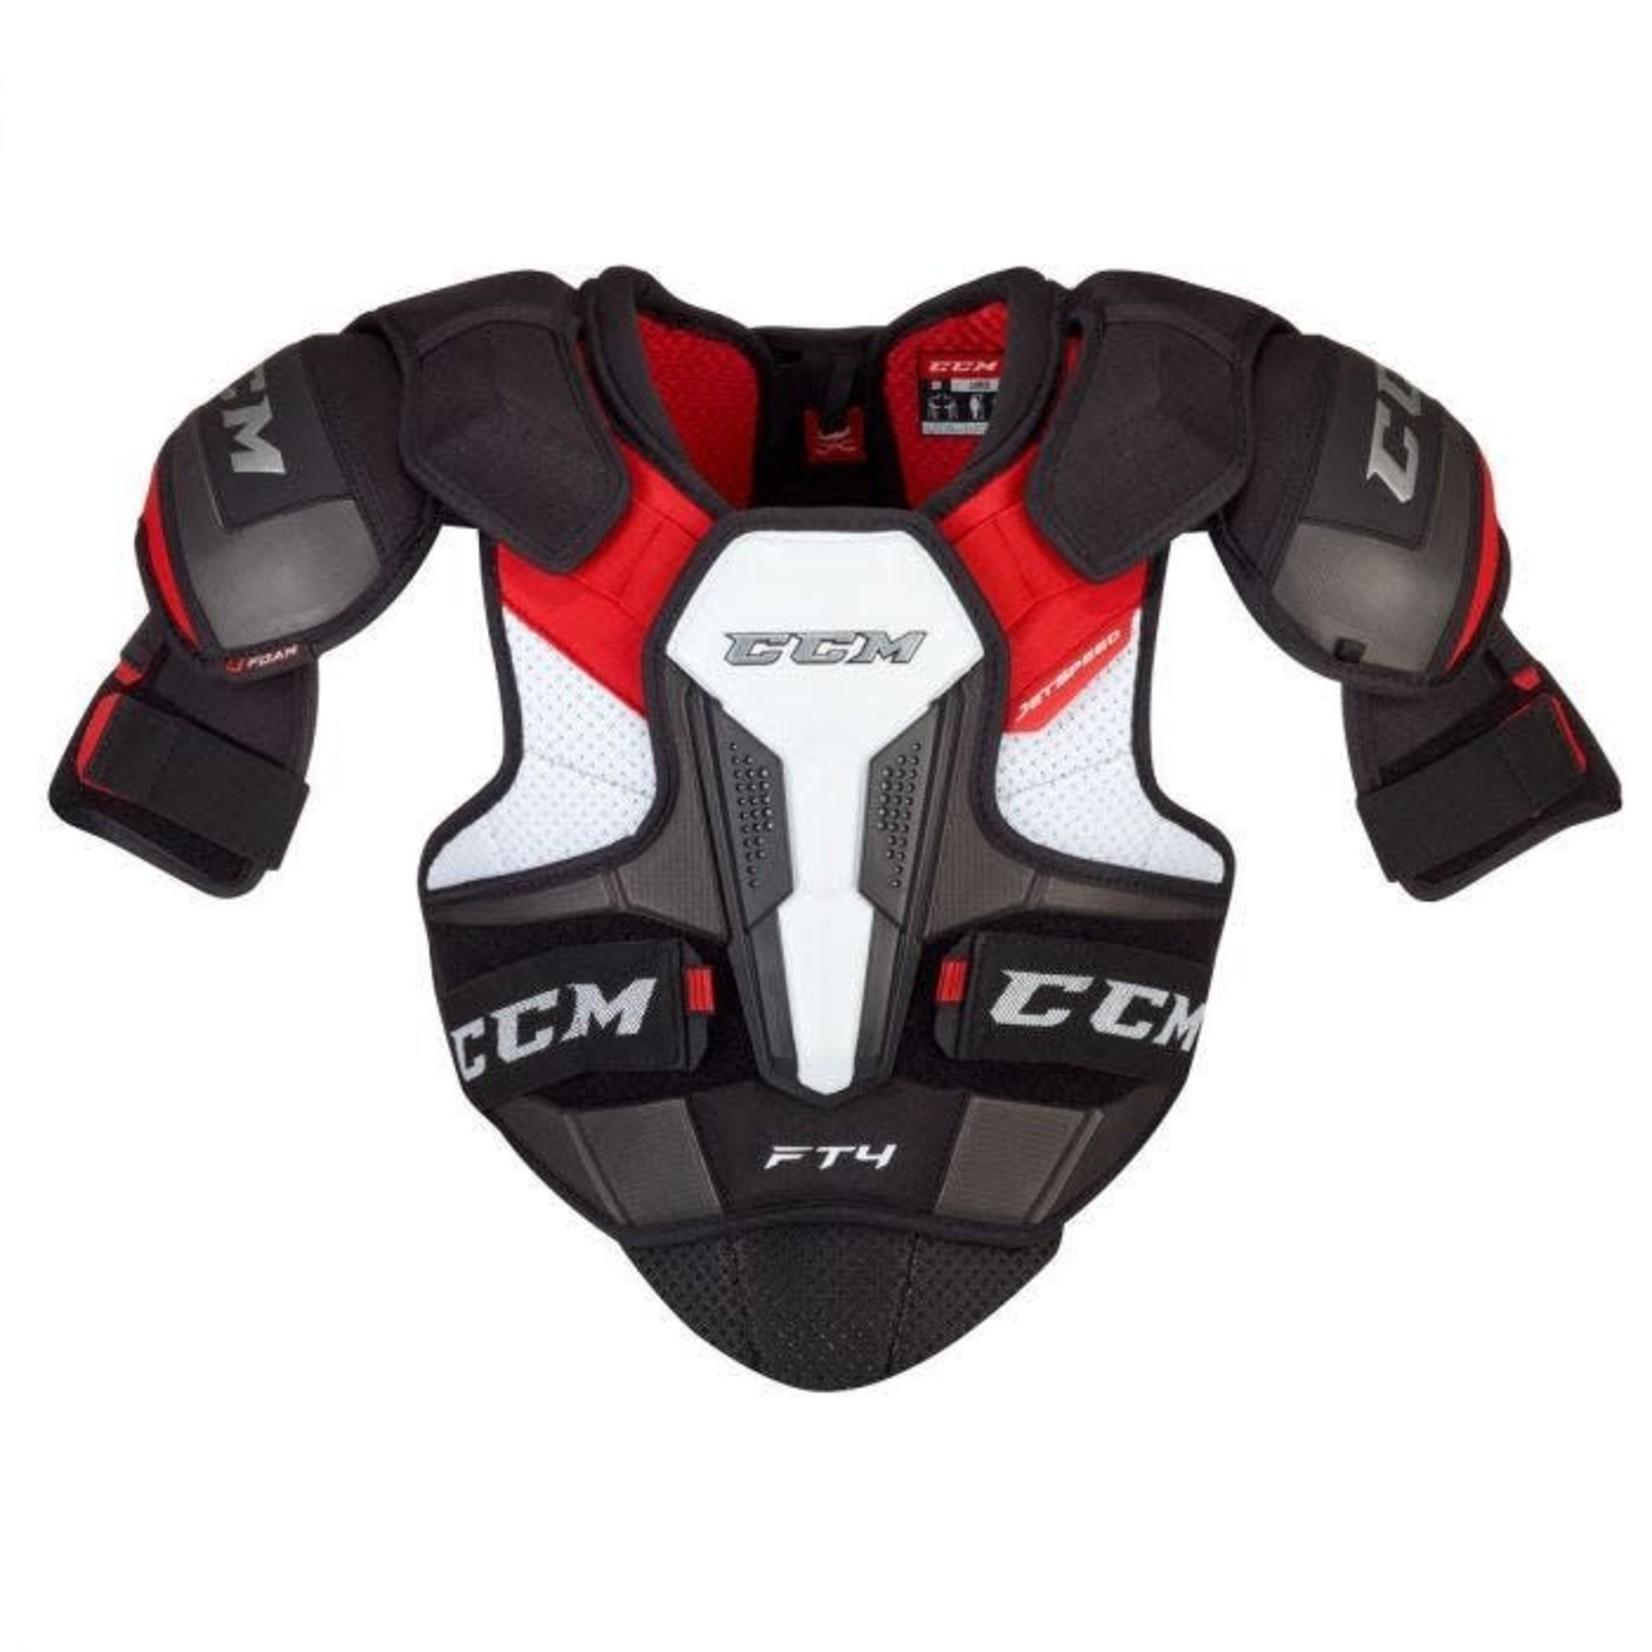 CCM CCM Hockey Shoulder Pads, Jetspeed FT4, Senior